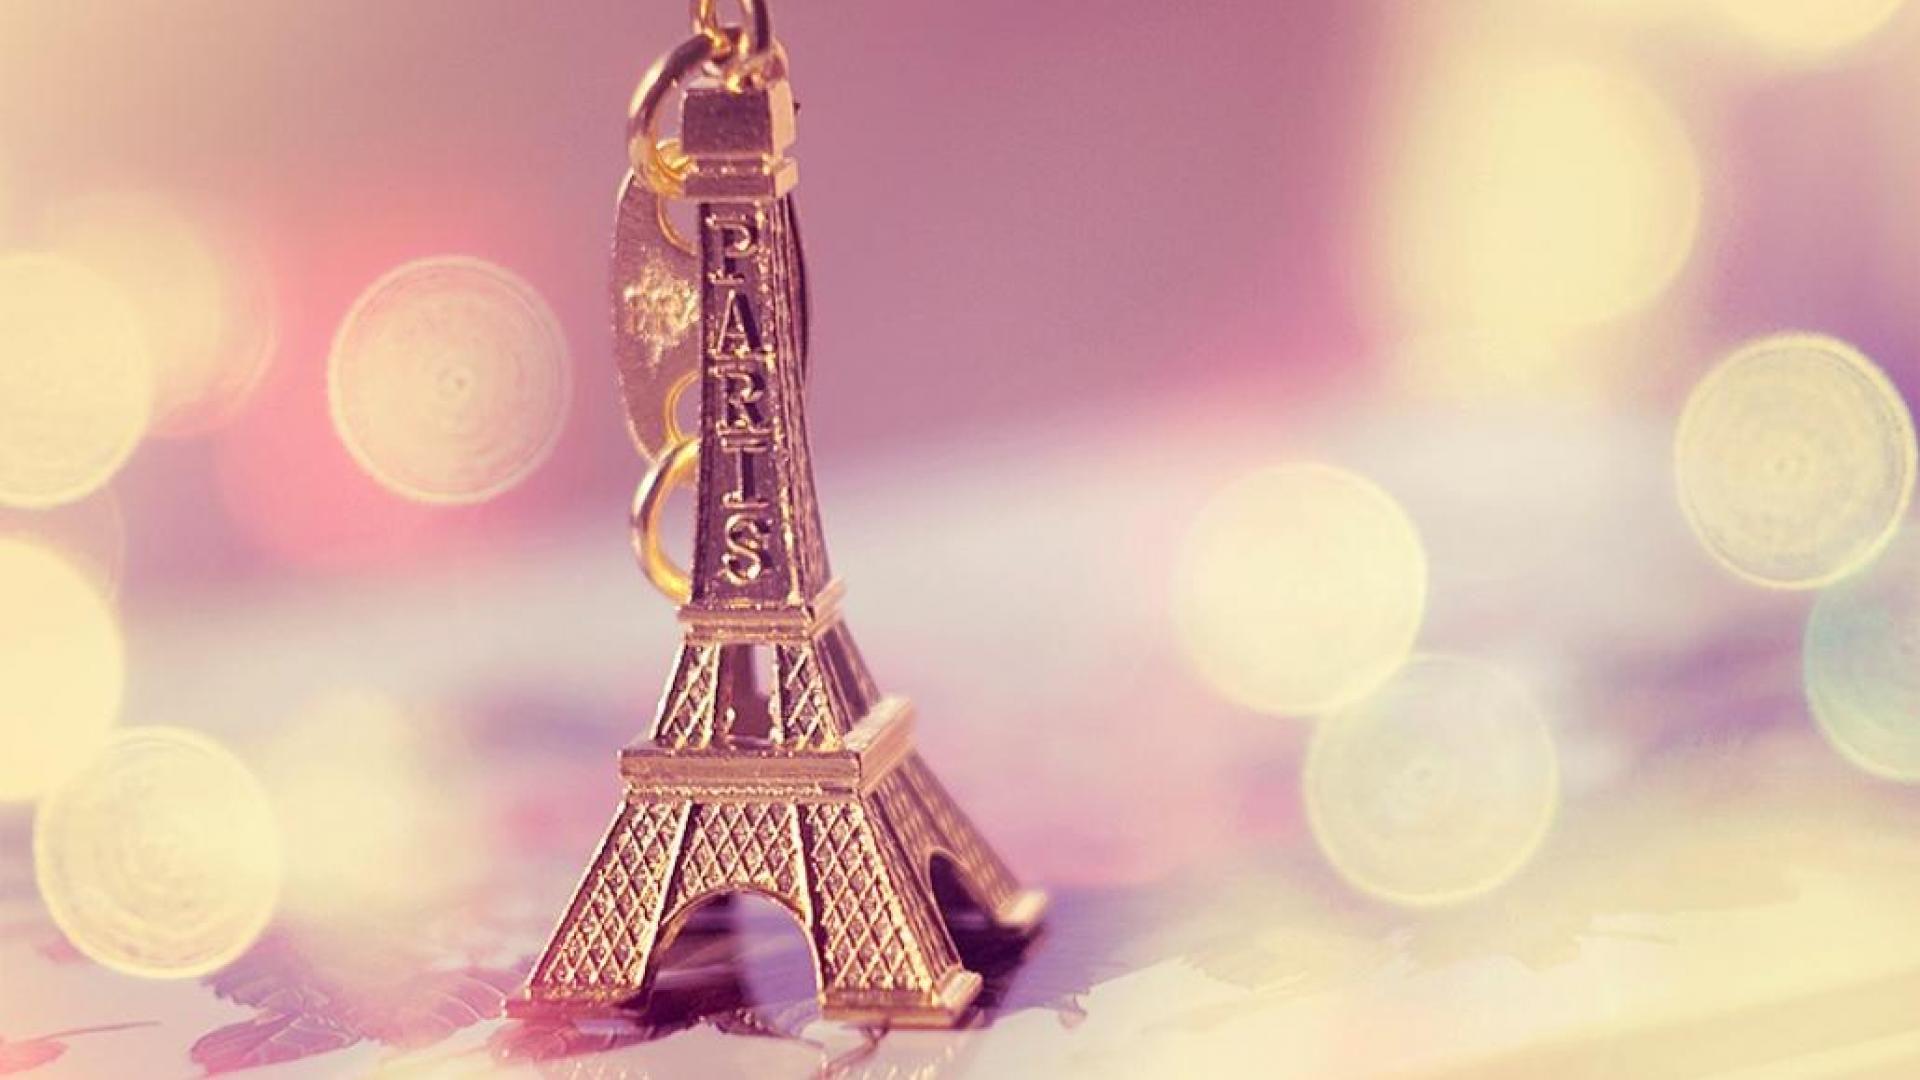 сувенир из Парижа в хорошем качестве